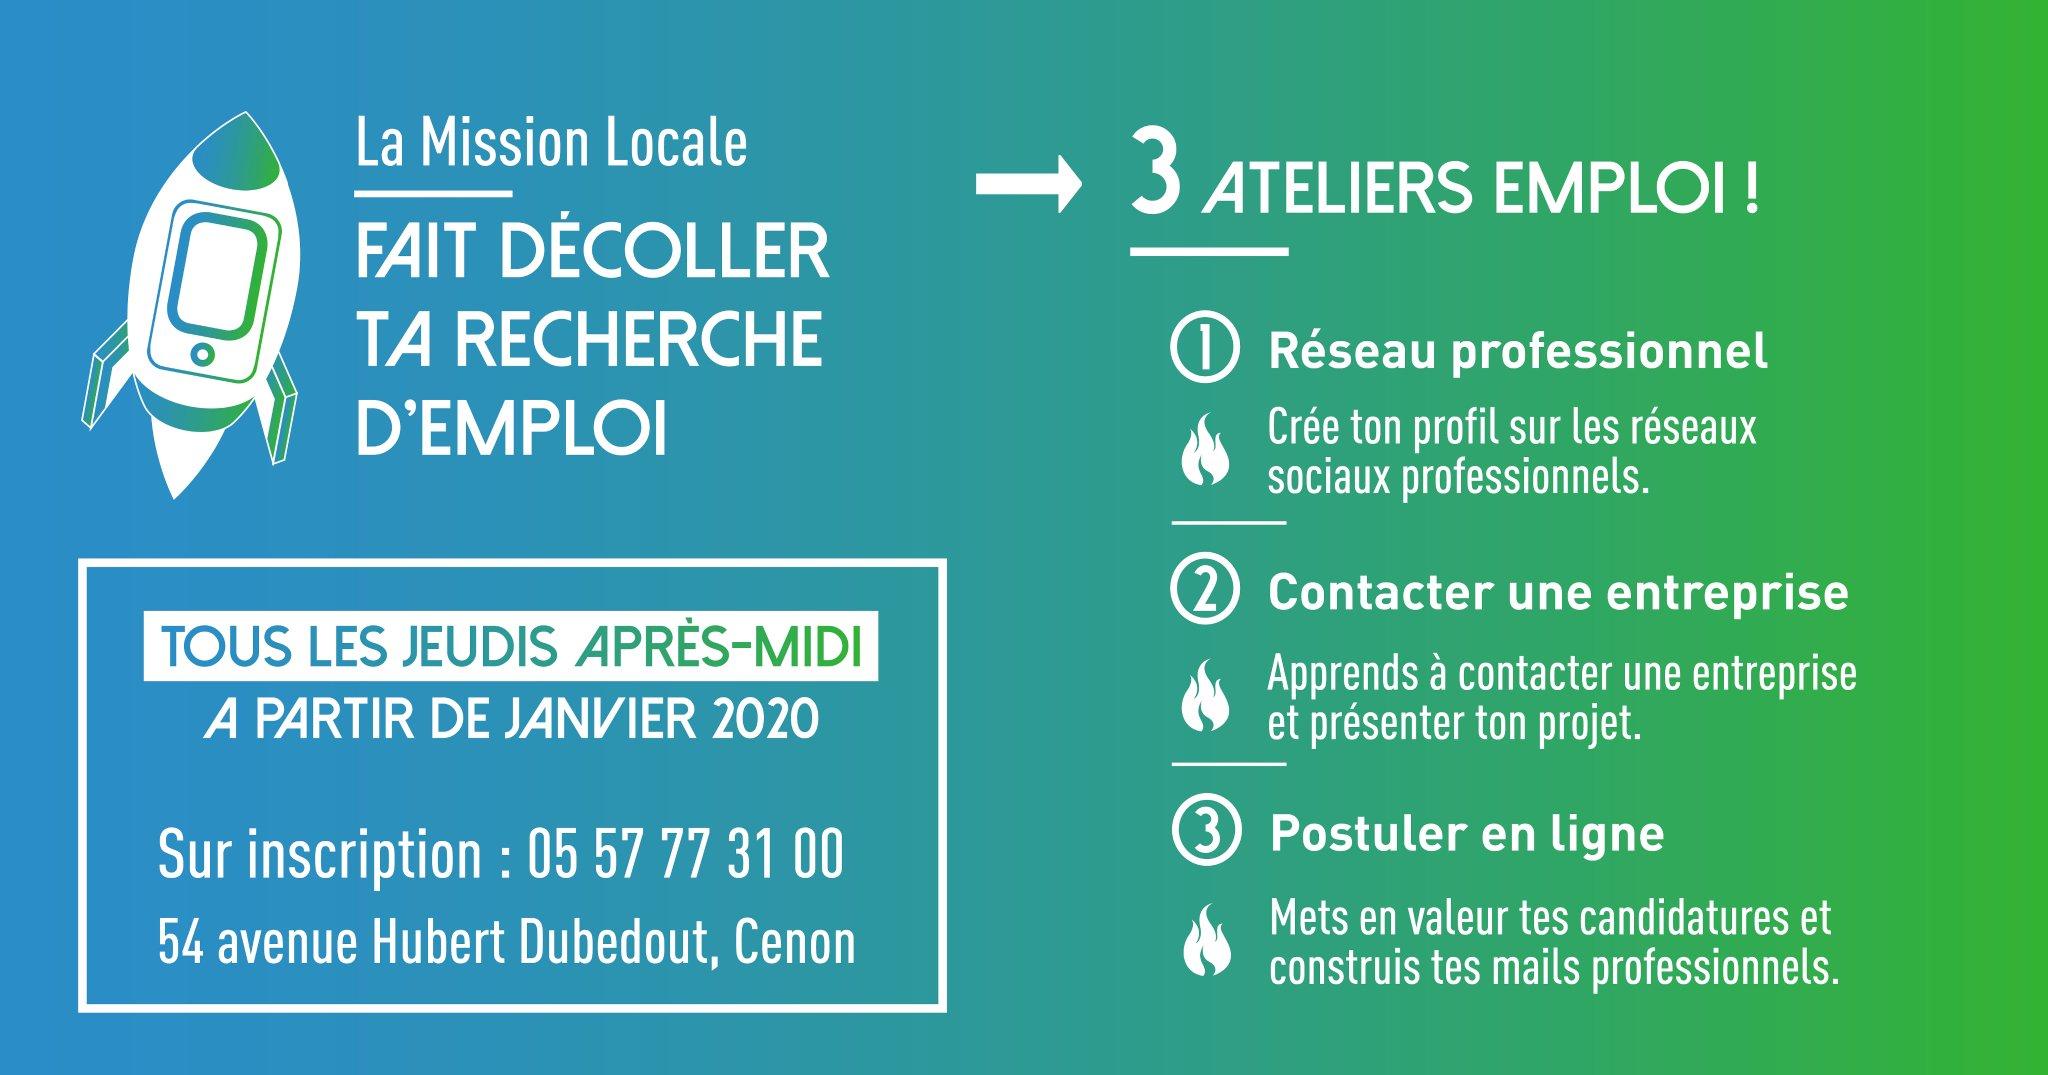 Une info à partager aux lormontais ! #MissionLocale #ateliers #emploi #insertionpro @MissionlocaleHG twitter.com/MissionlocaleH…